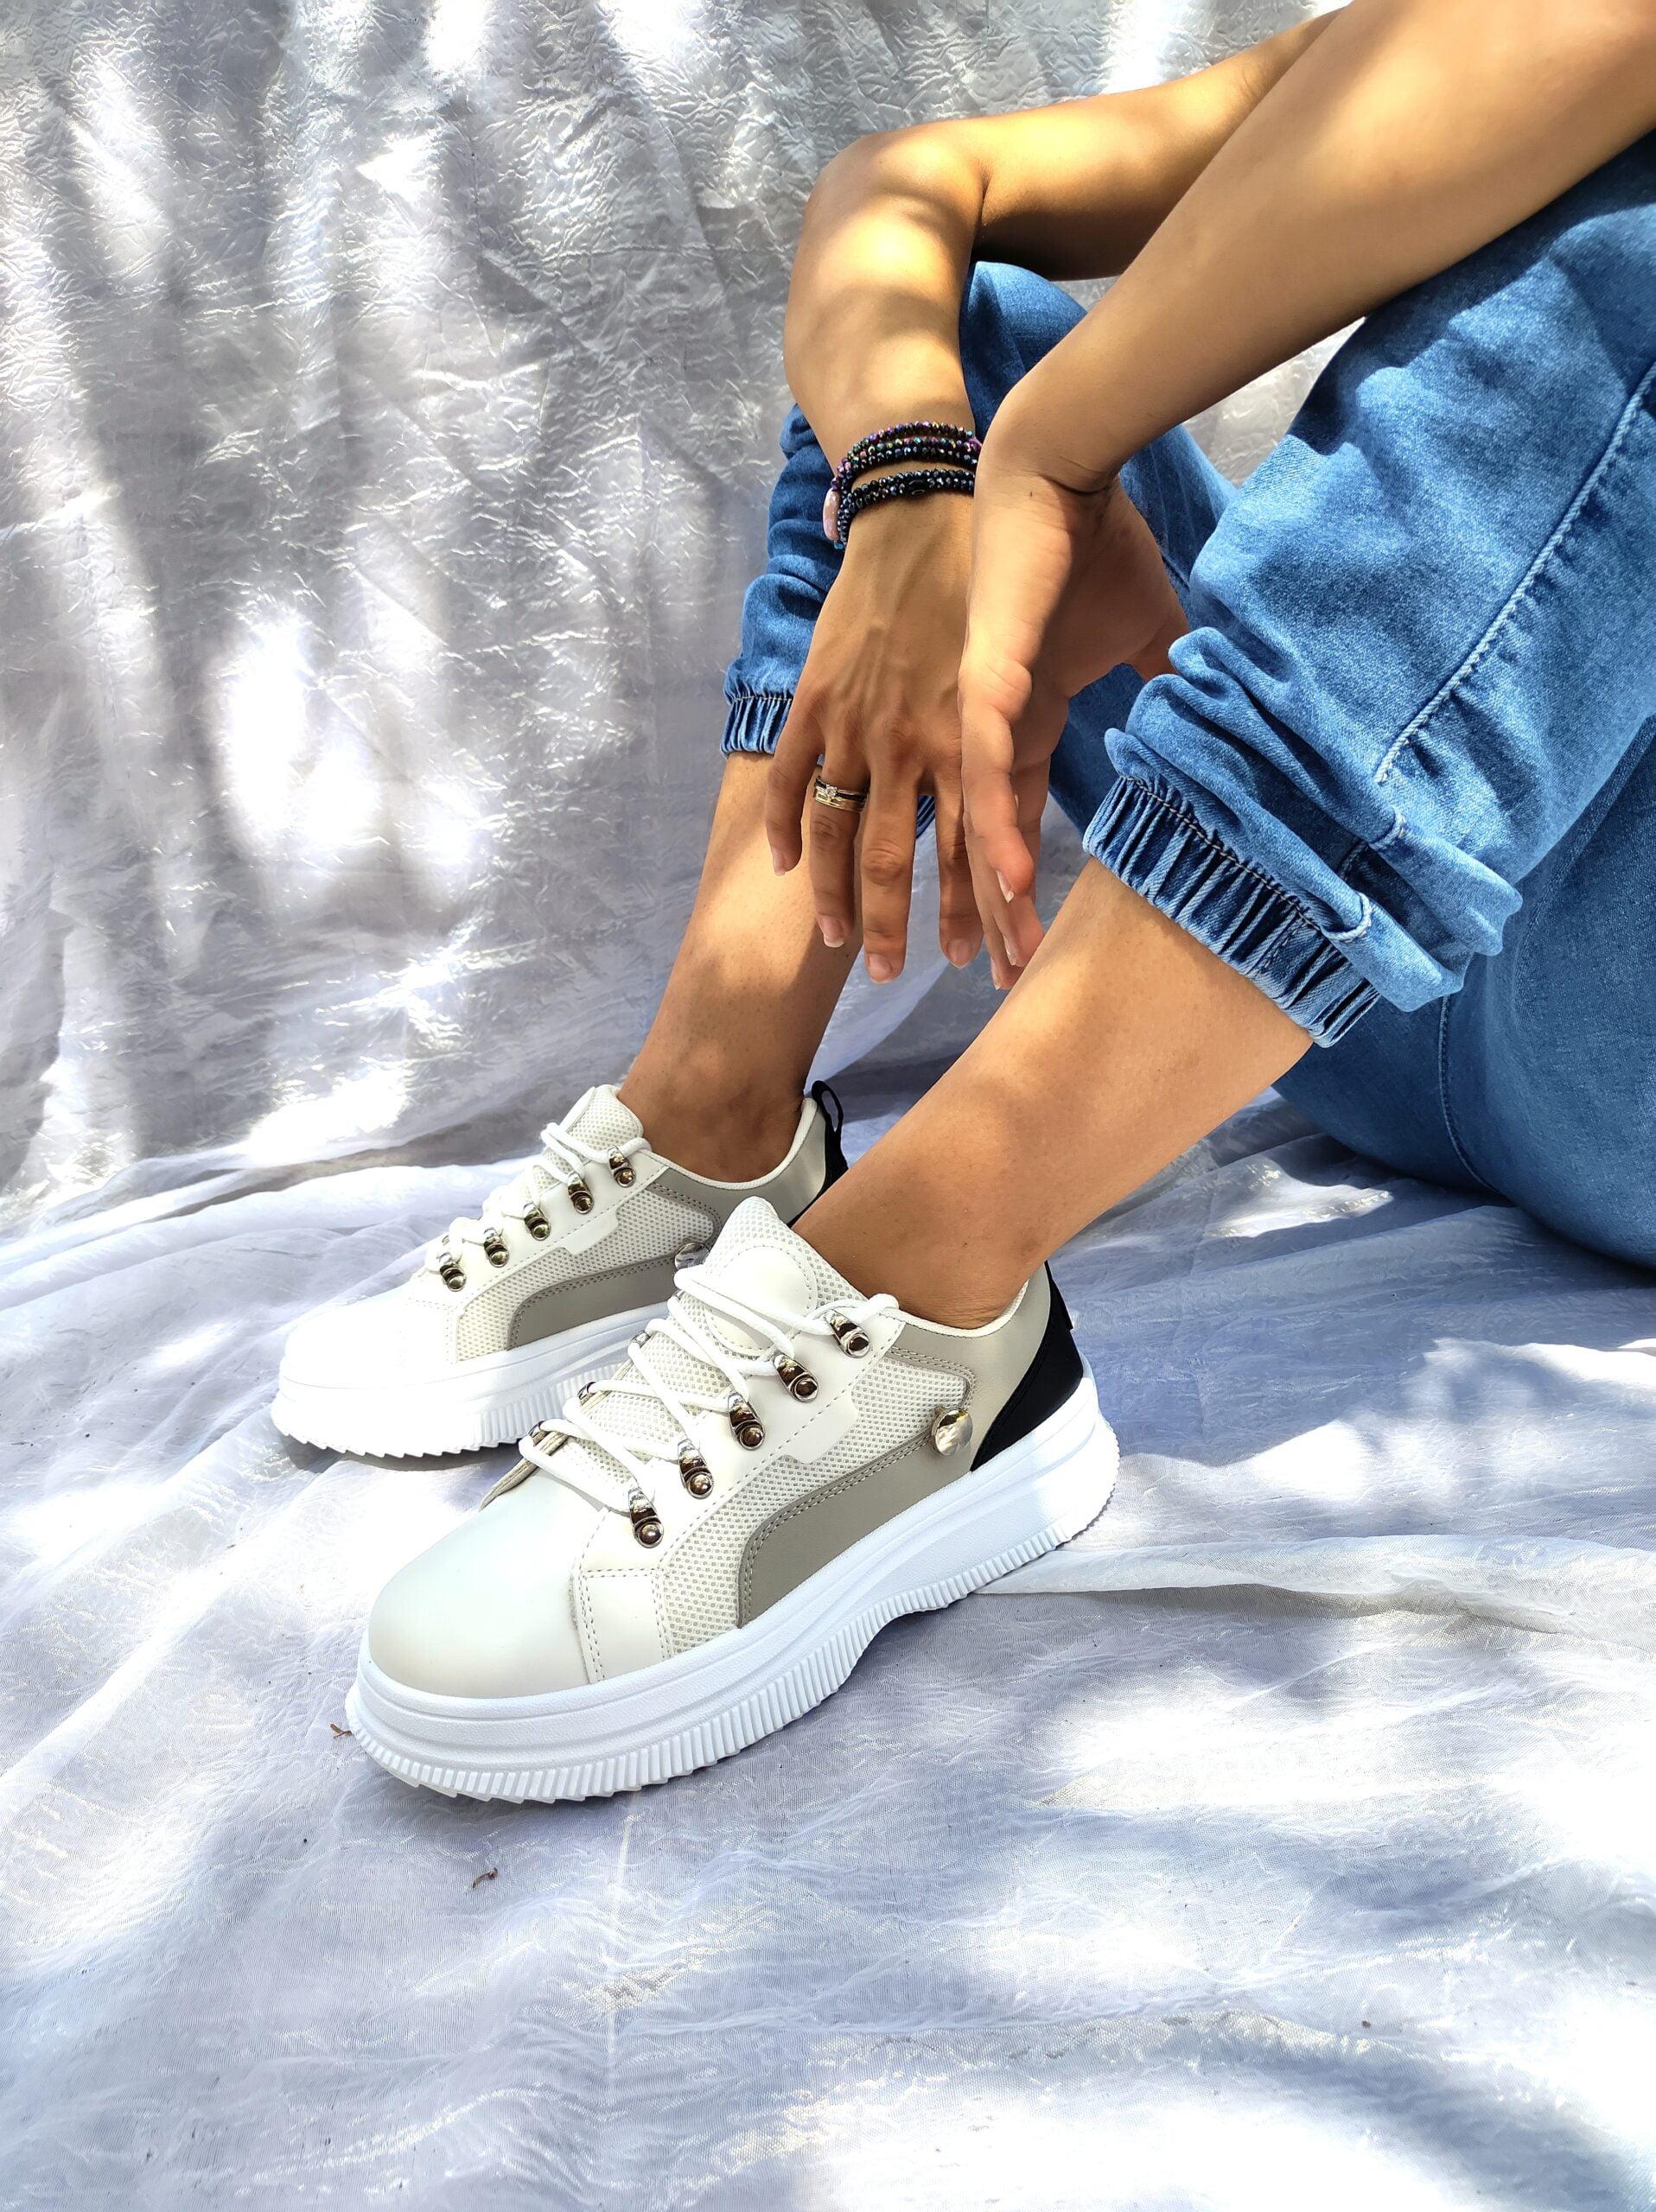 Sneakers of tricks